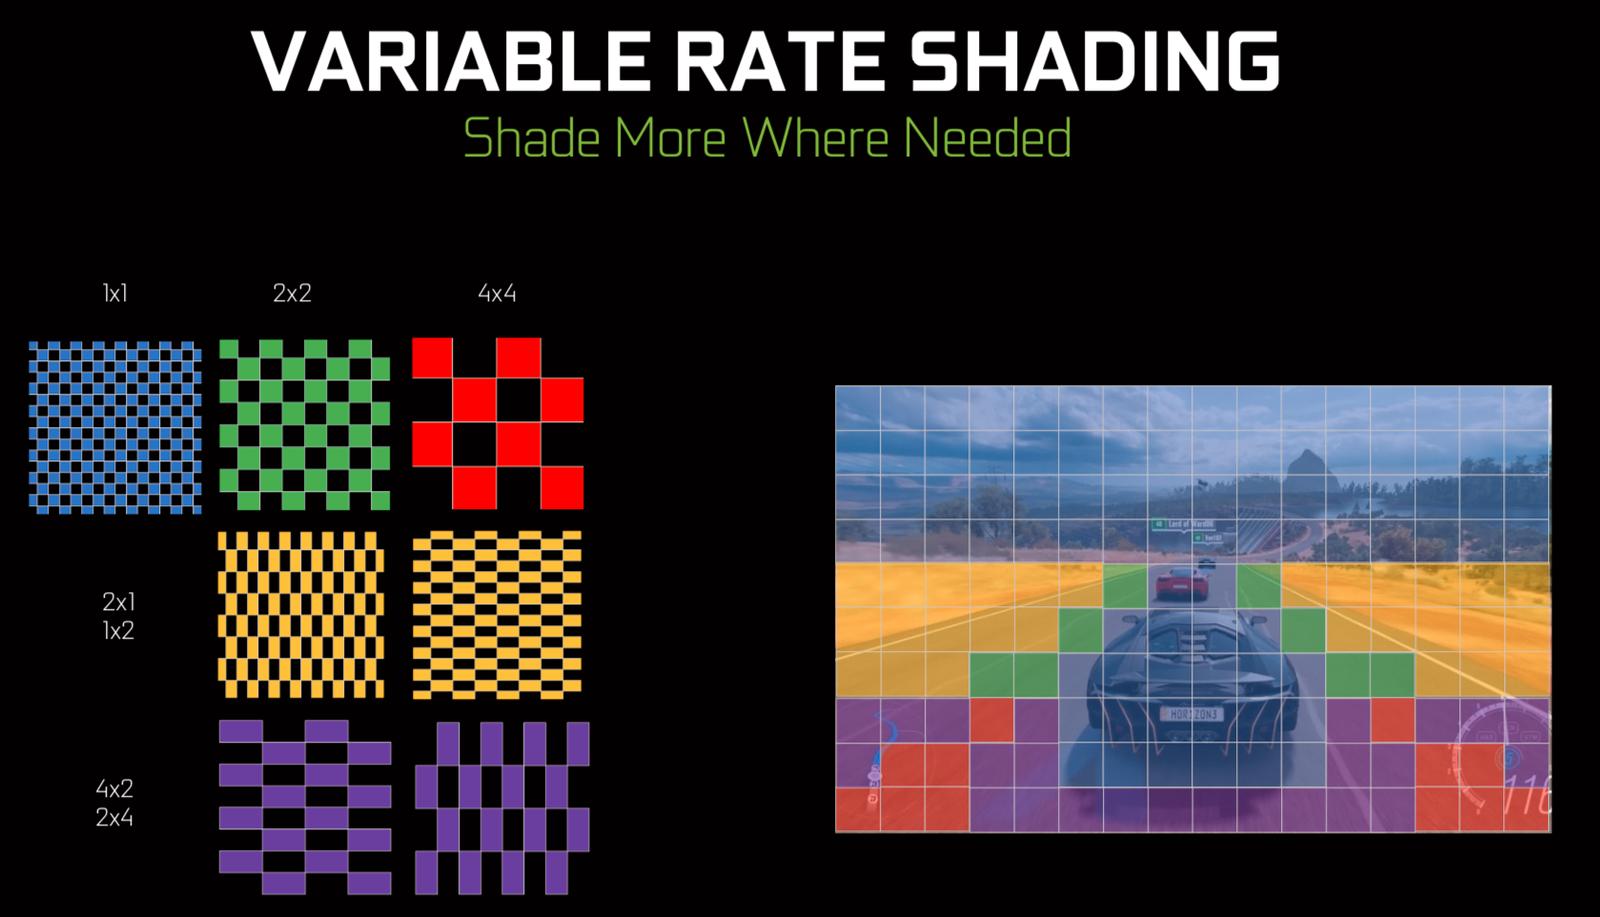 Bildet er lånt fra en tidligere sak om Nvidias bruk av Variable Rate Shading på PC. Her illustrerer de hvordan utviklere kan styre shadingen på bilen for hvert bilde, mens veien og grøfta i sidesynet bare shades på nytt for hver fjerde bilde ettersom de ikke skifter farge like ofte og er i bevegelse slik at du uansett ikke ser de små feilene.